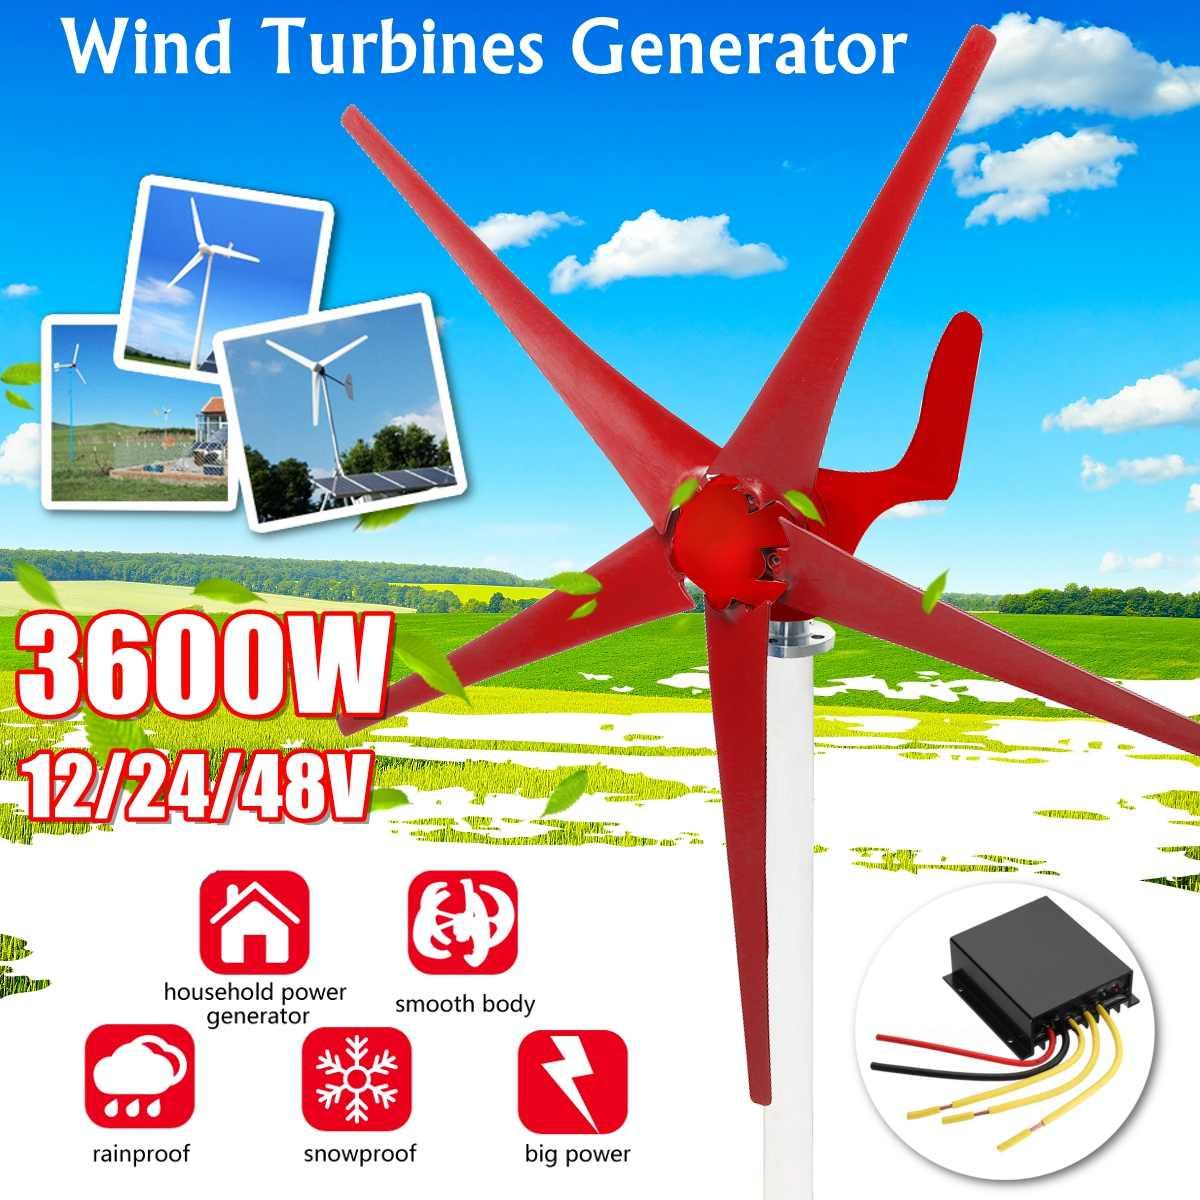 3600 واط 12 فولت/24 فولت/48 فولت 5 شفرة توربينات الرياح مولد كفاءة توربينات الرياح أفقي الطاقة المنزلية طاحونة الطاقة توربينات الطاقة تهمة